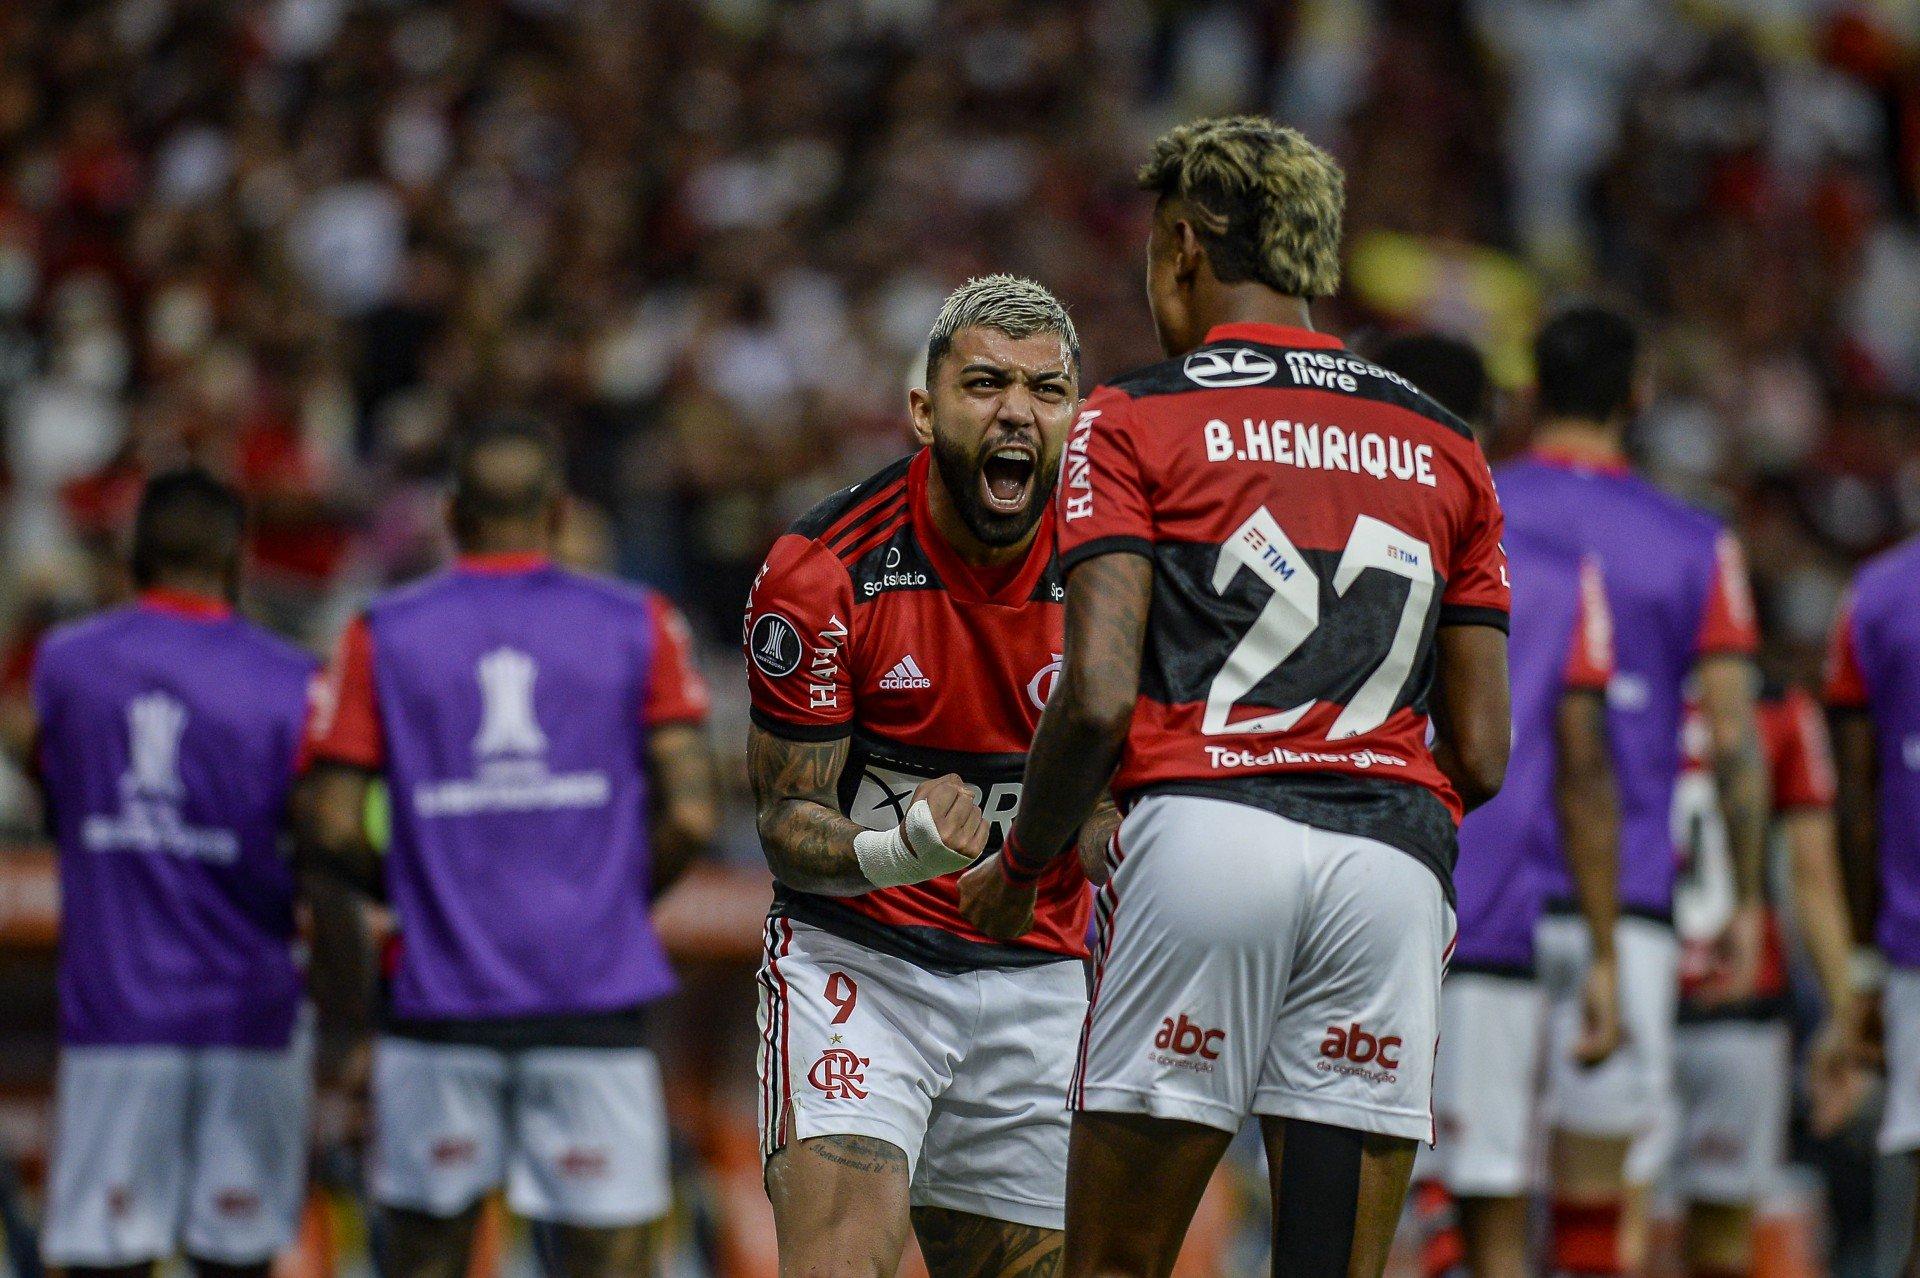 Torcedores do Flamengo pagarão no mínimo R$ 1,1 mil por ingressos da final da Libertadores